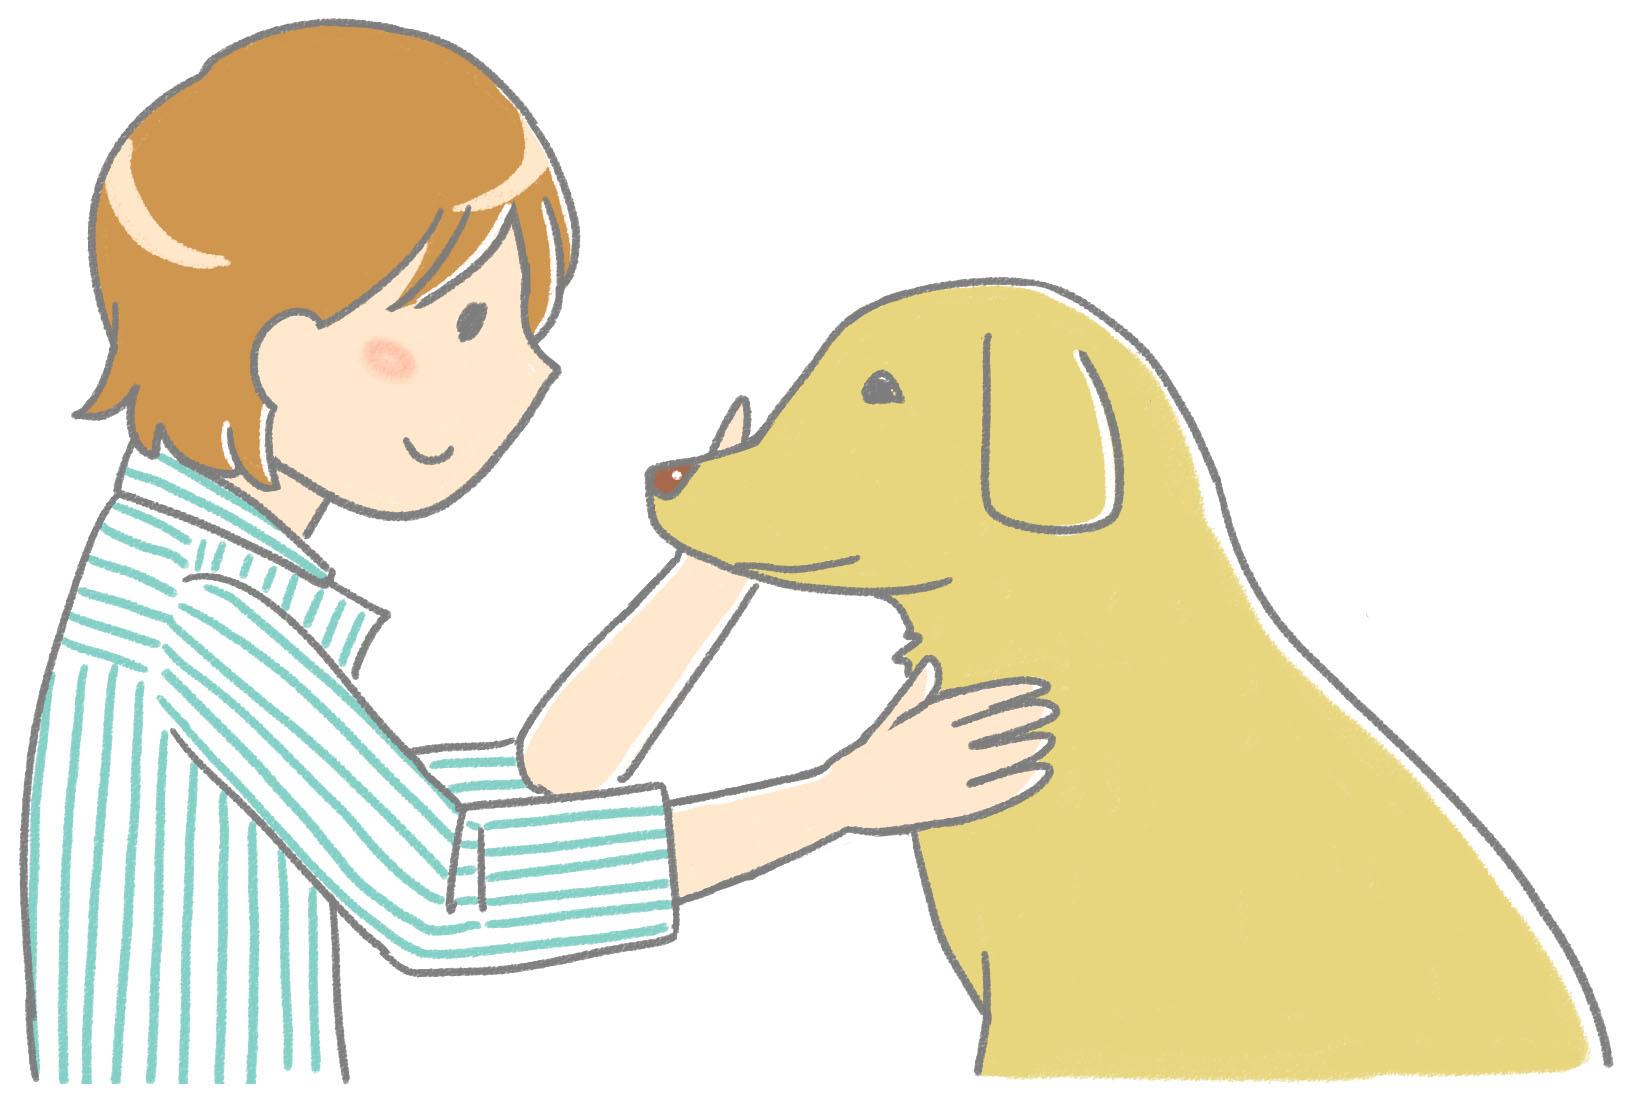 犬の手書きイラスト フリー素材 | flat design::